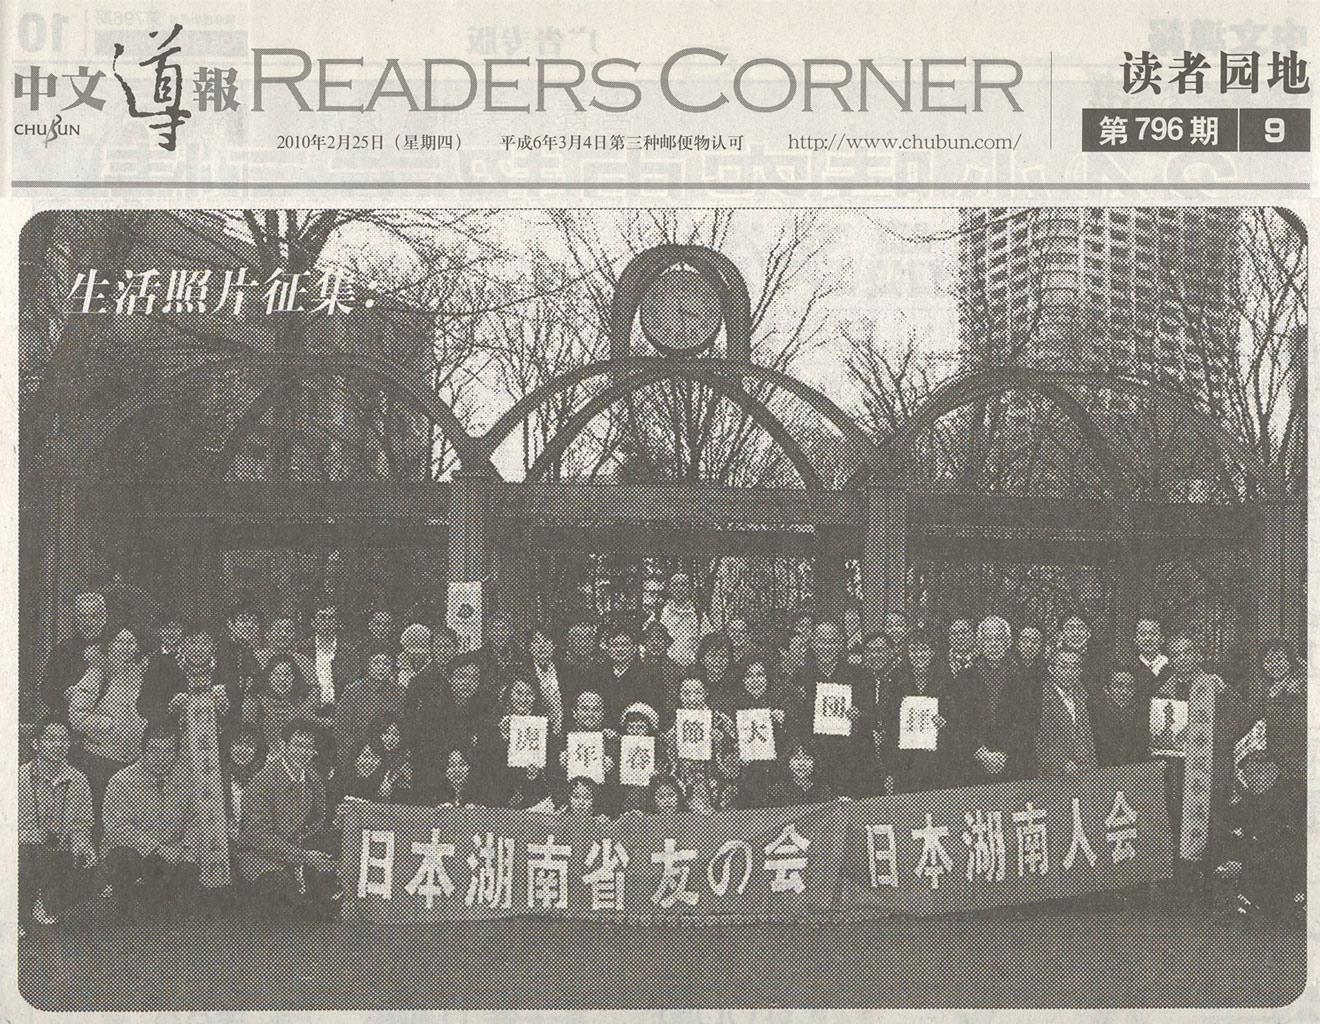 日本湖南人会新年会の写真  中文導報に掲載_d0027795_14485816.jpg